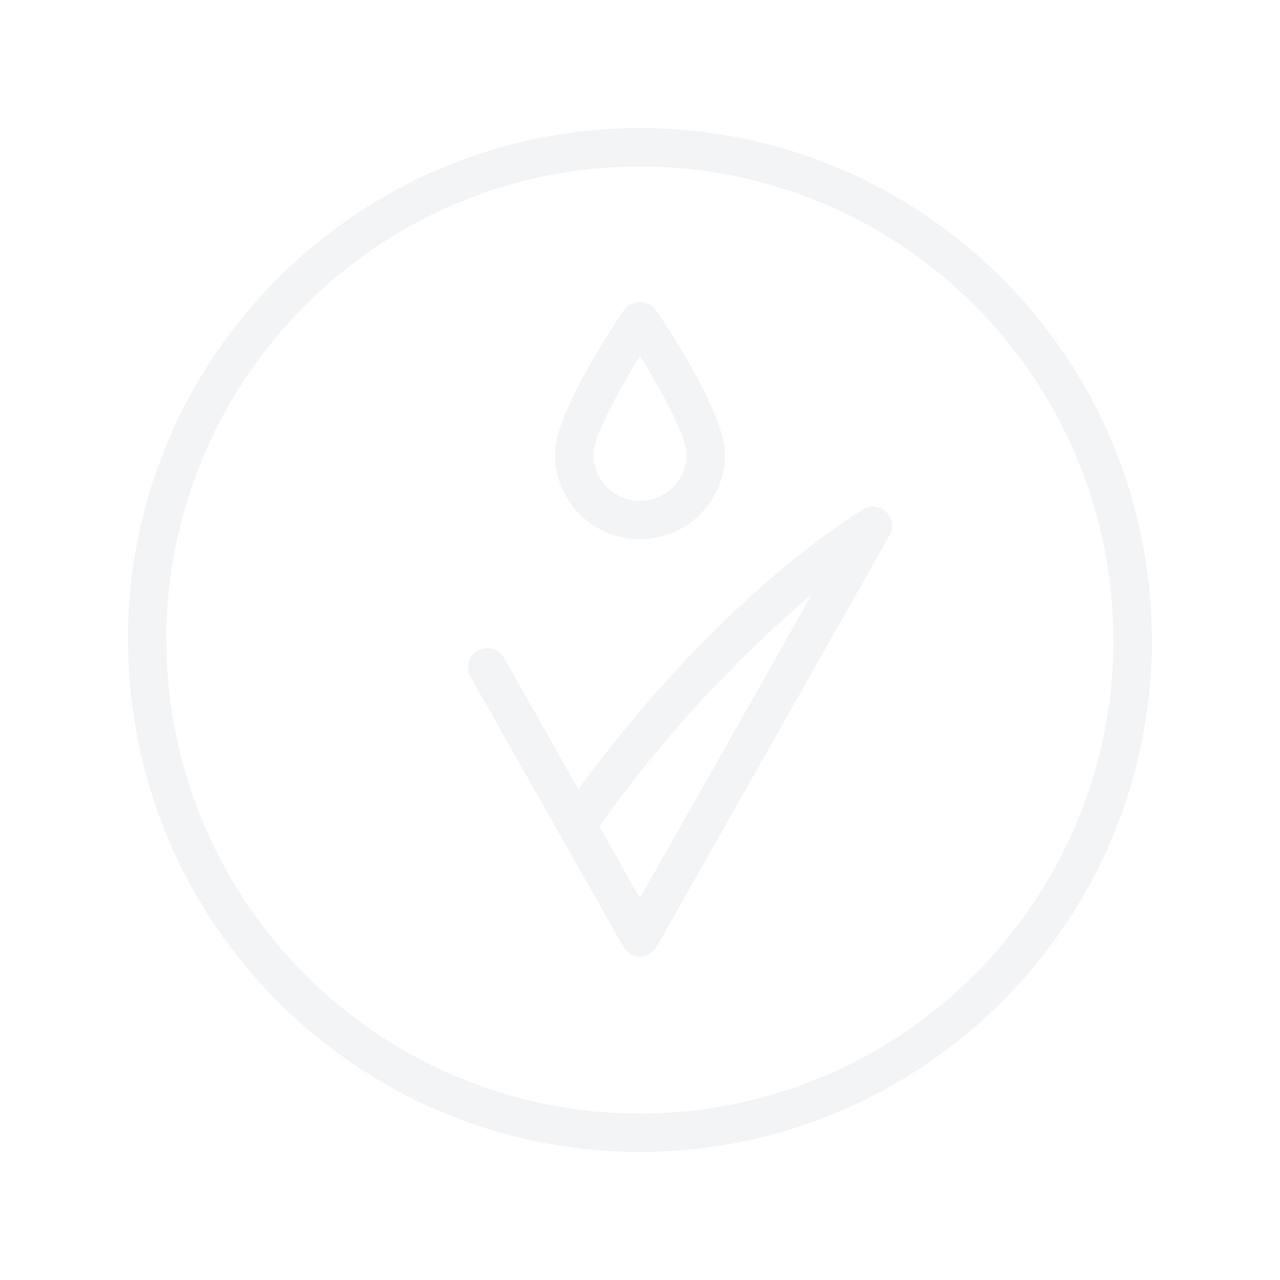 ARTDECO Eyebrow Color Pen 1.1ml